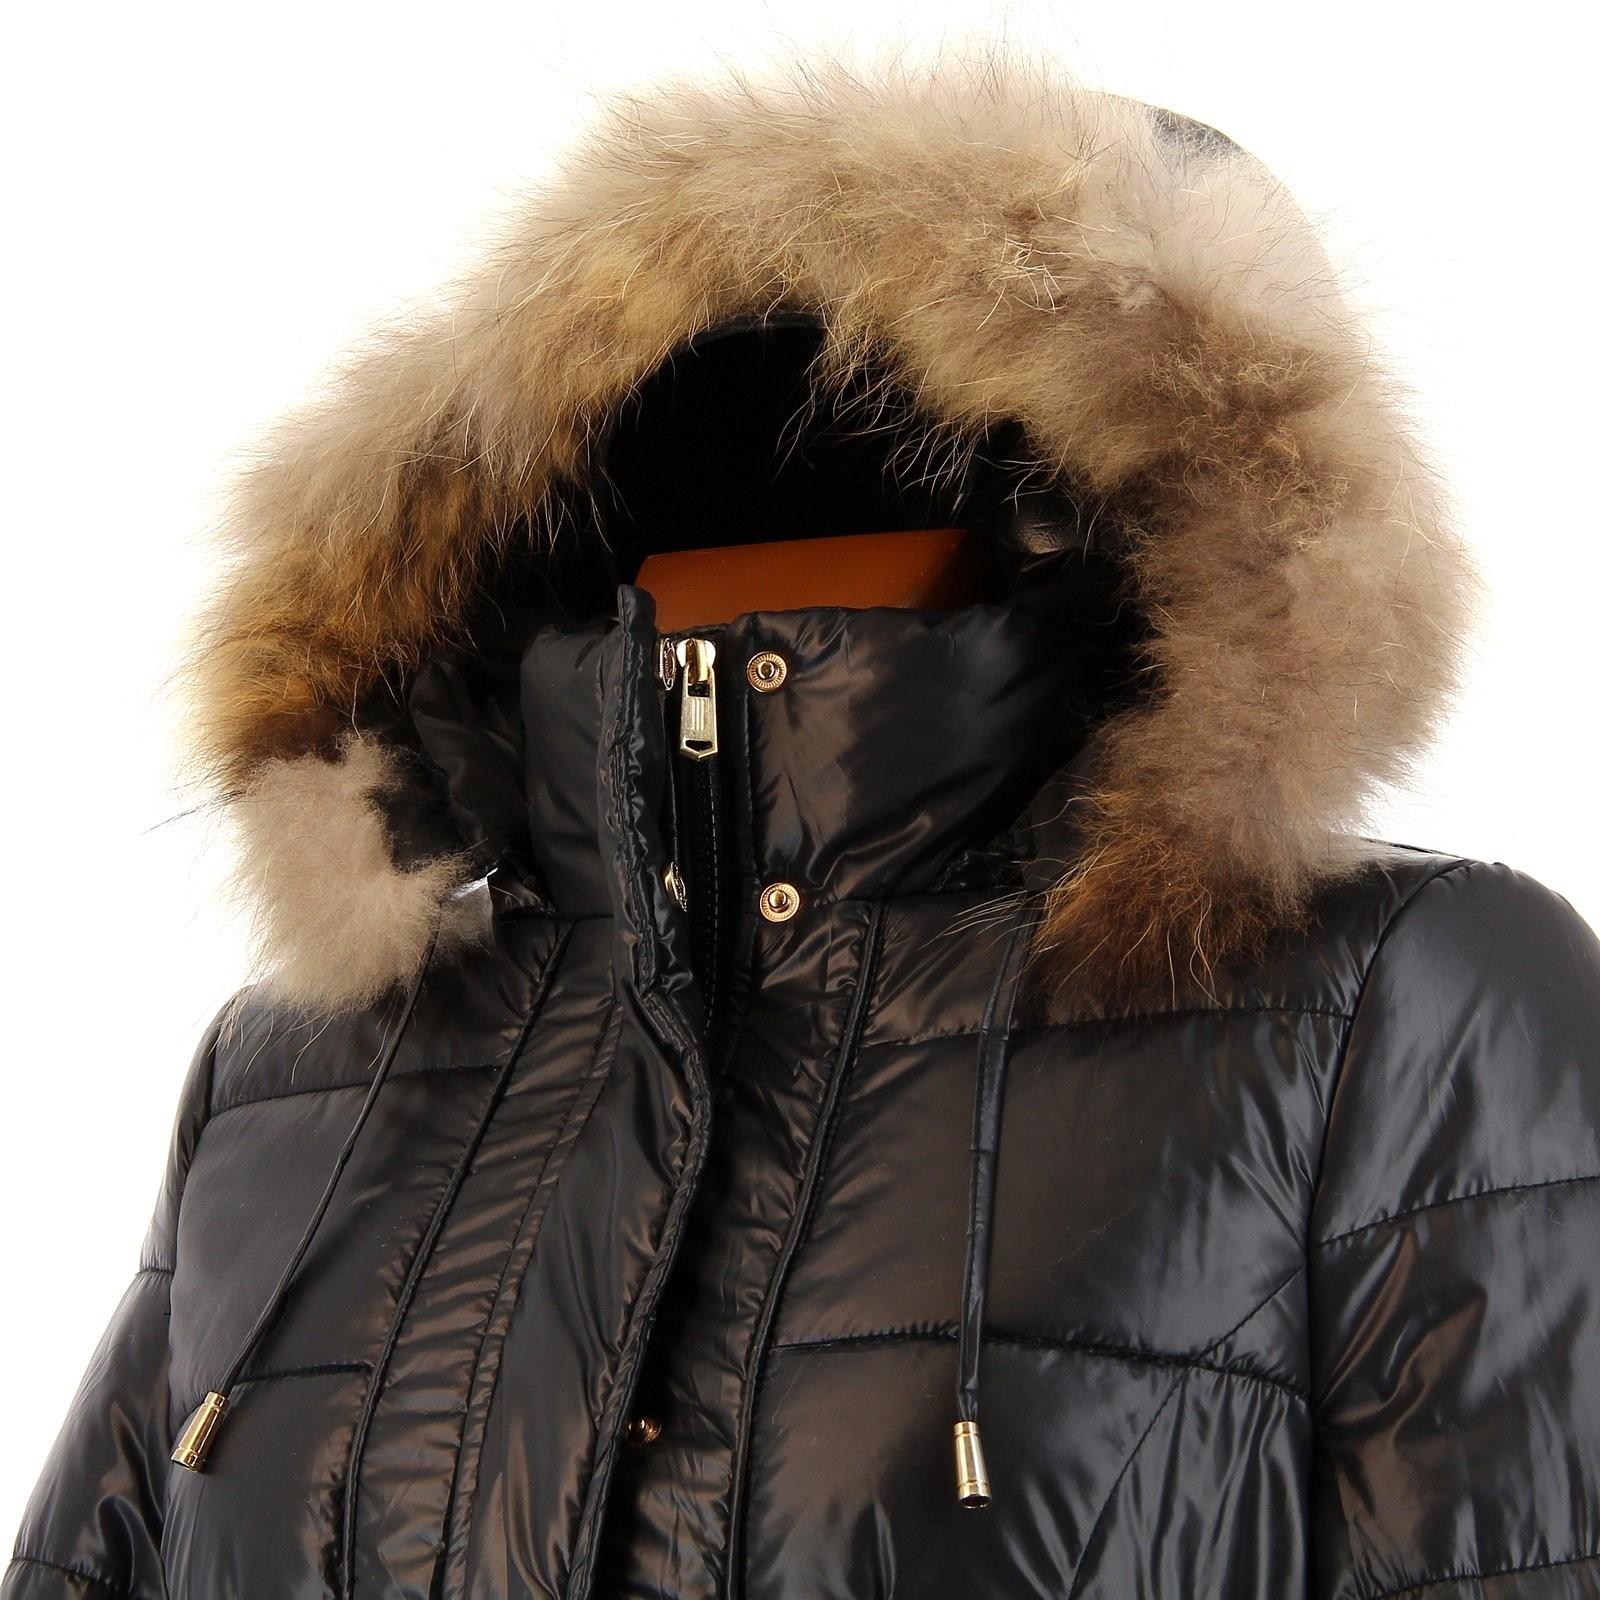 Doudoune longue fourrure manteau parka capuche axelle noir - Doudoune homme longue capuche fourrure ...